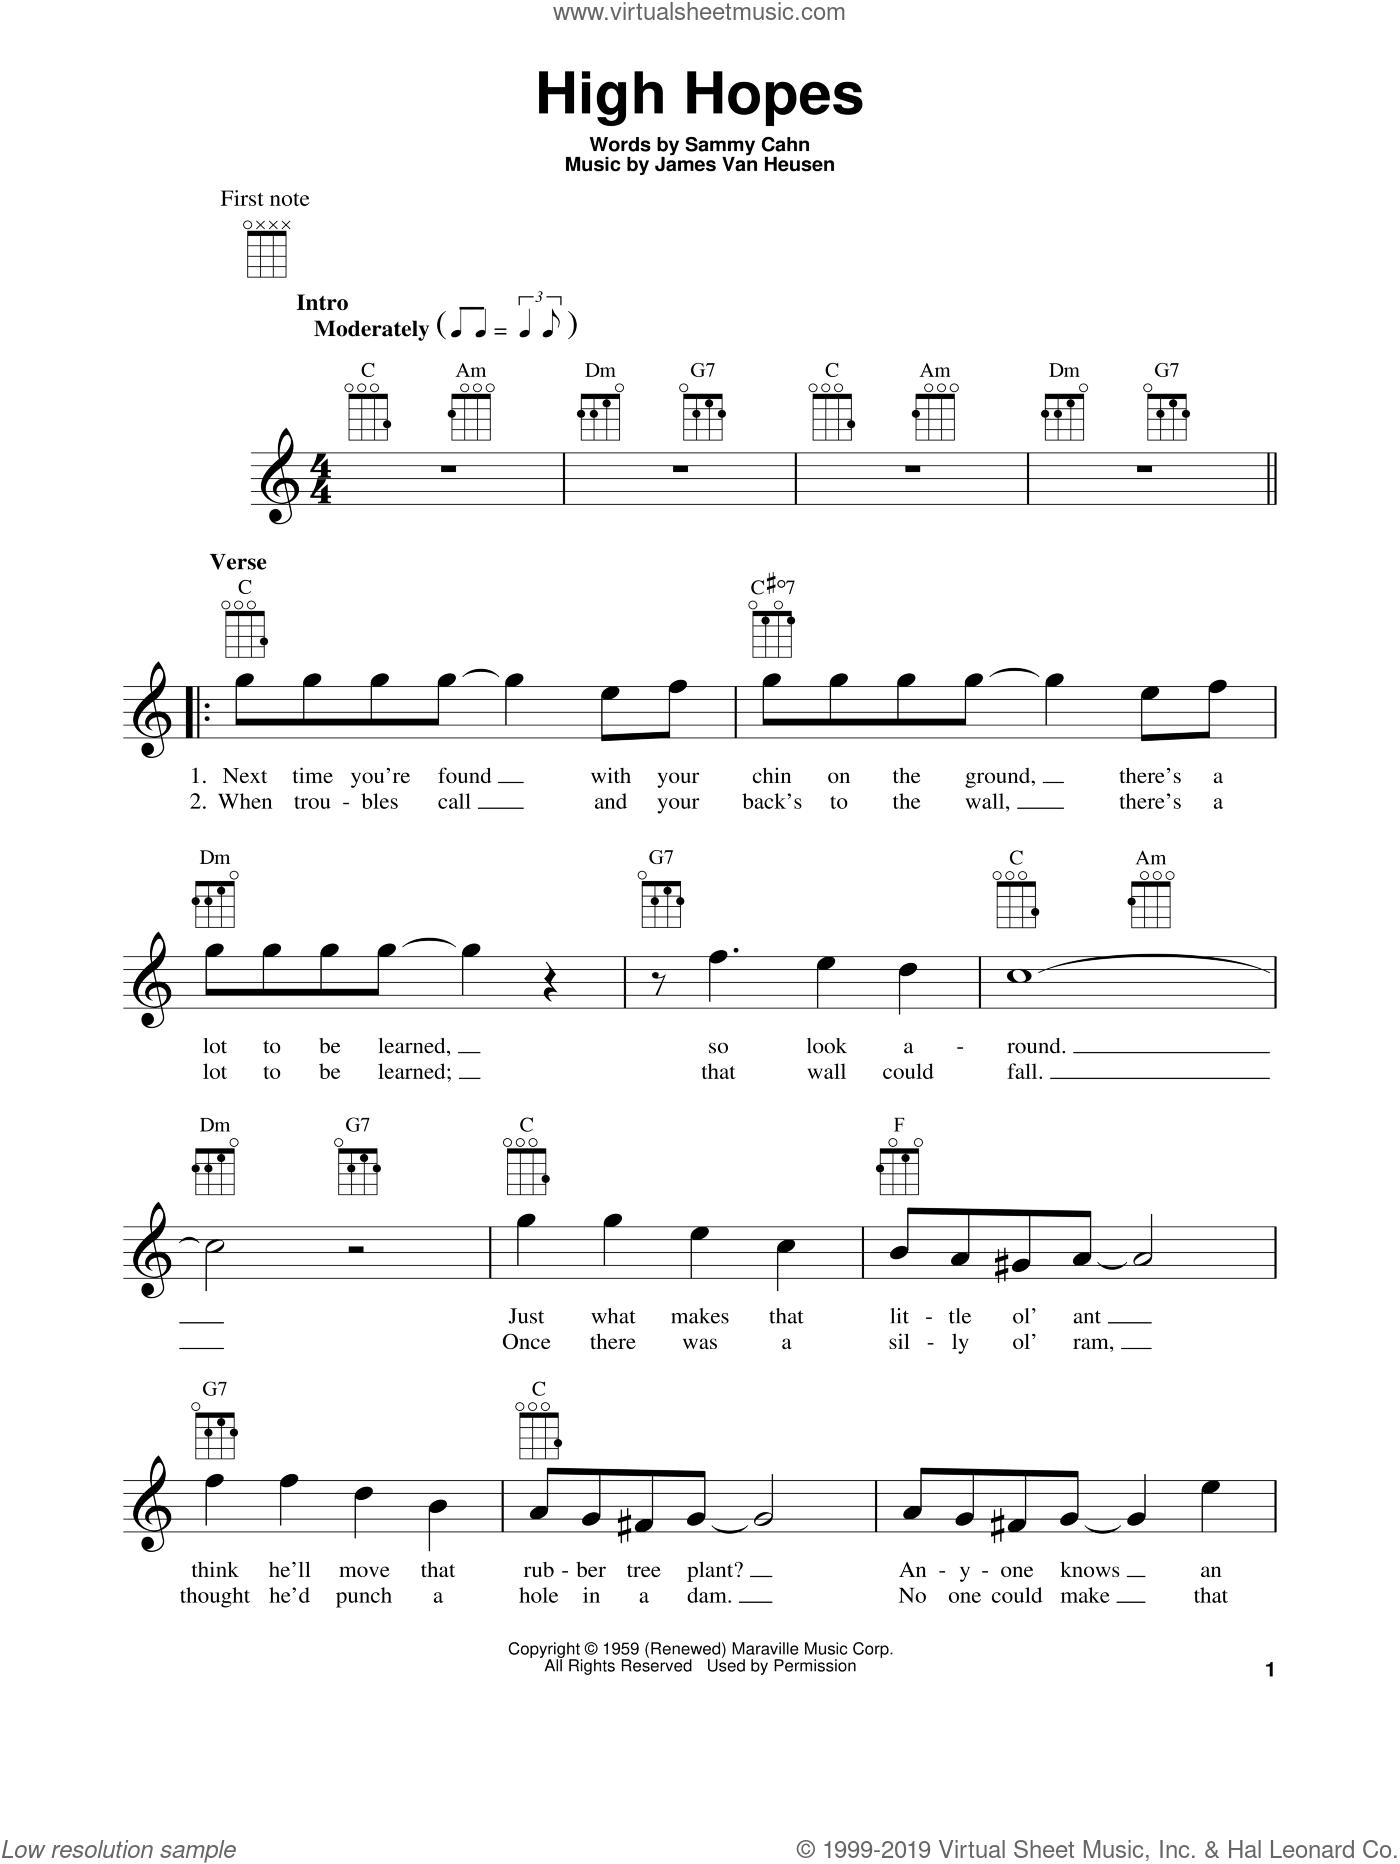 High Hopes sheet music for ukulele by Sammy Cahn and Jimmy van Heusen, intermediate skill level